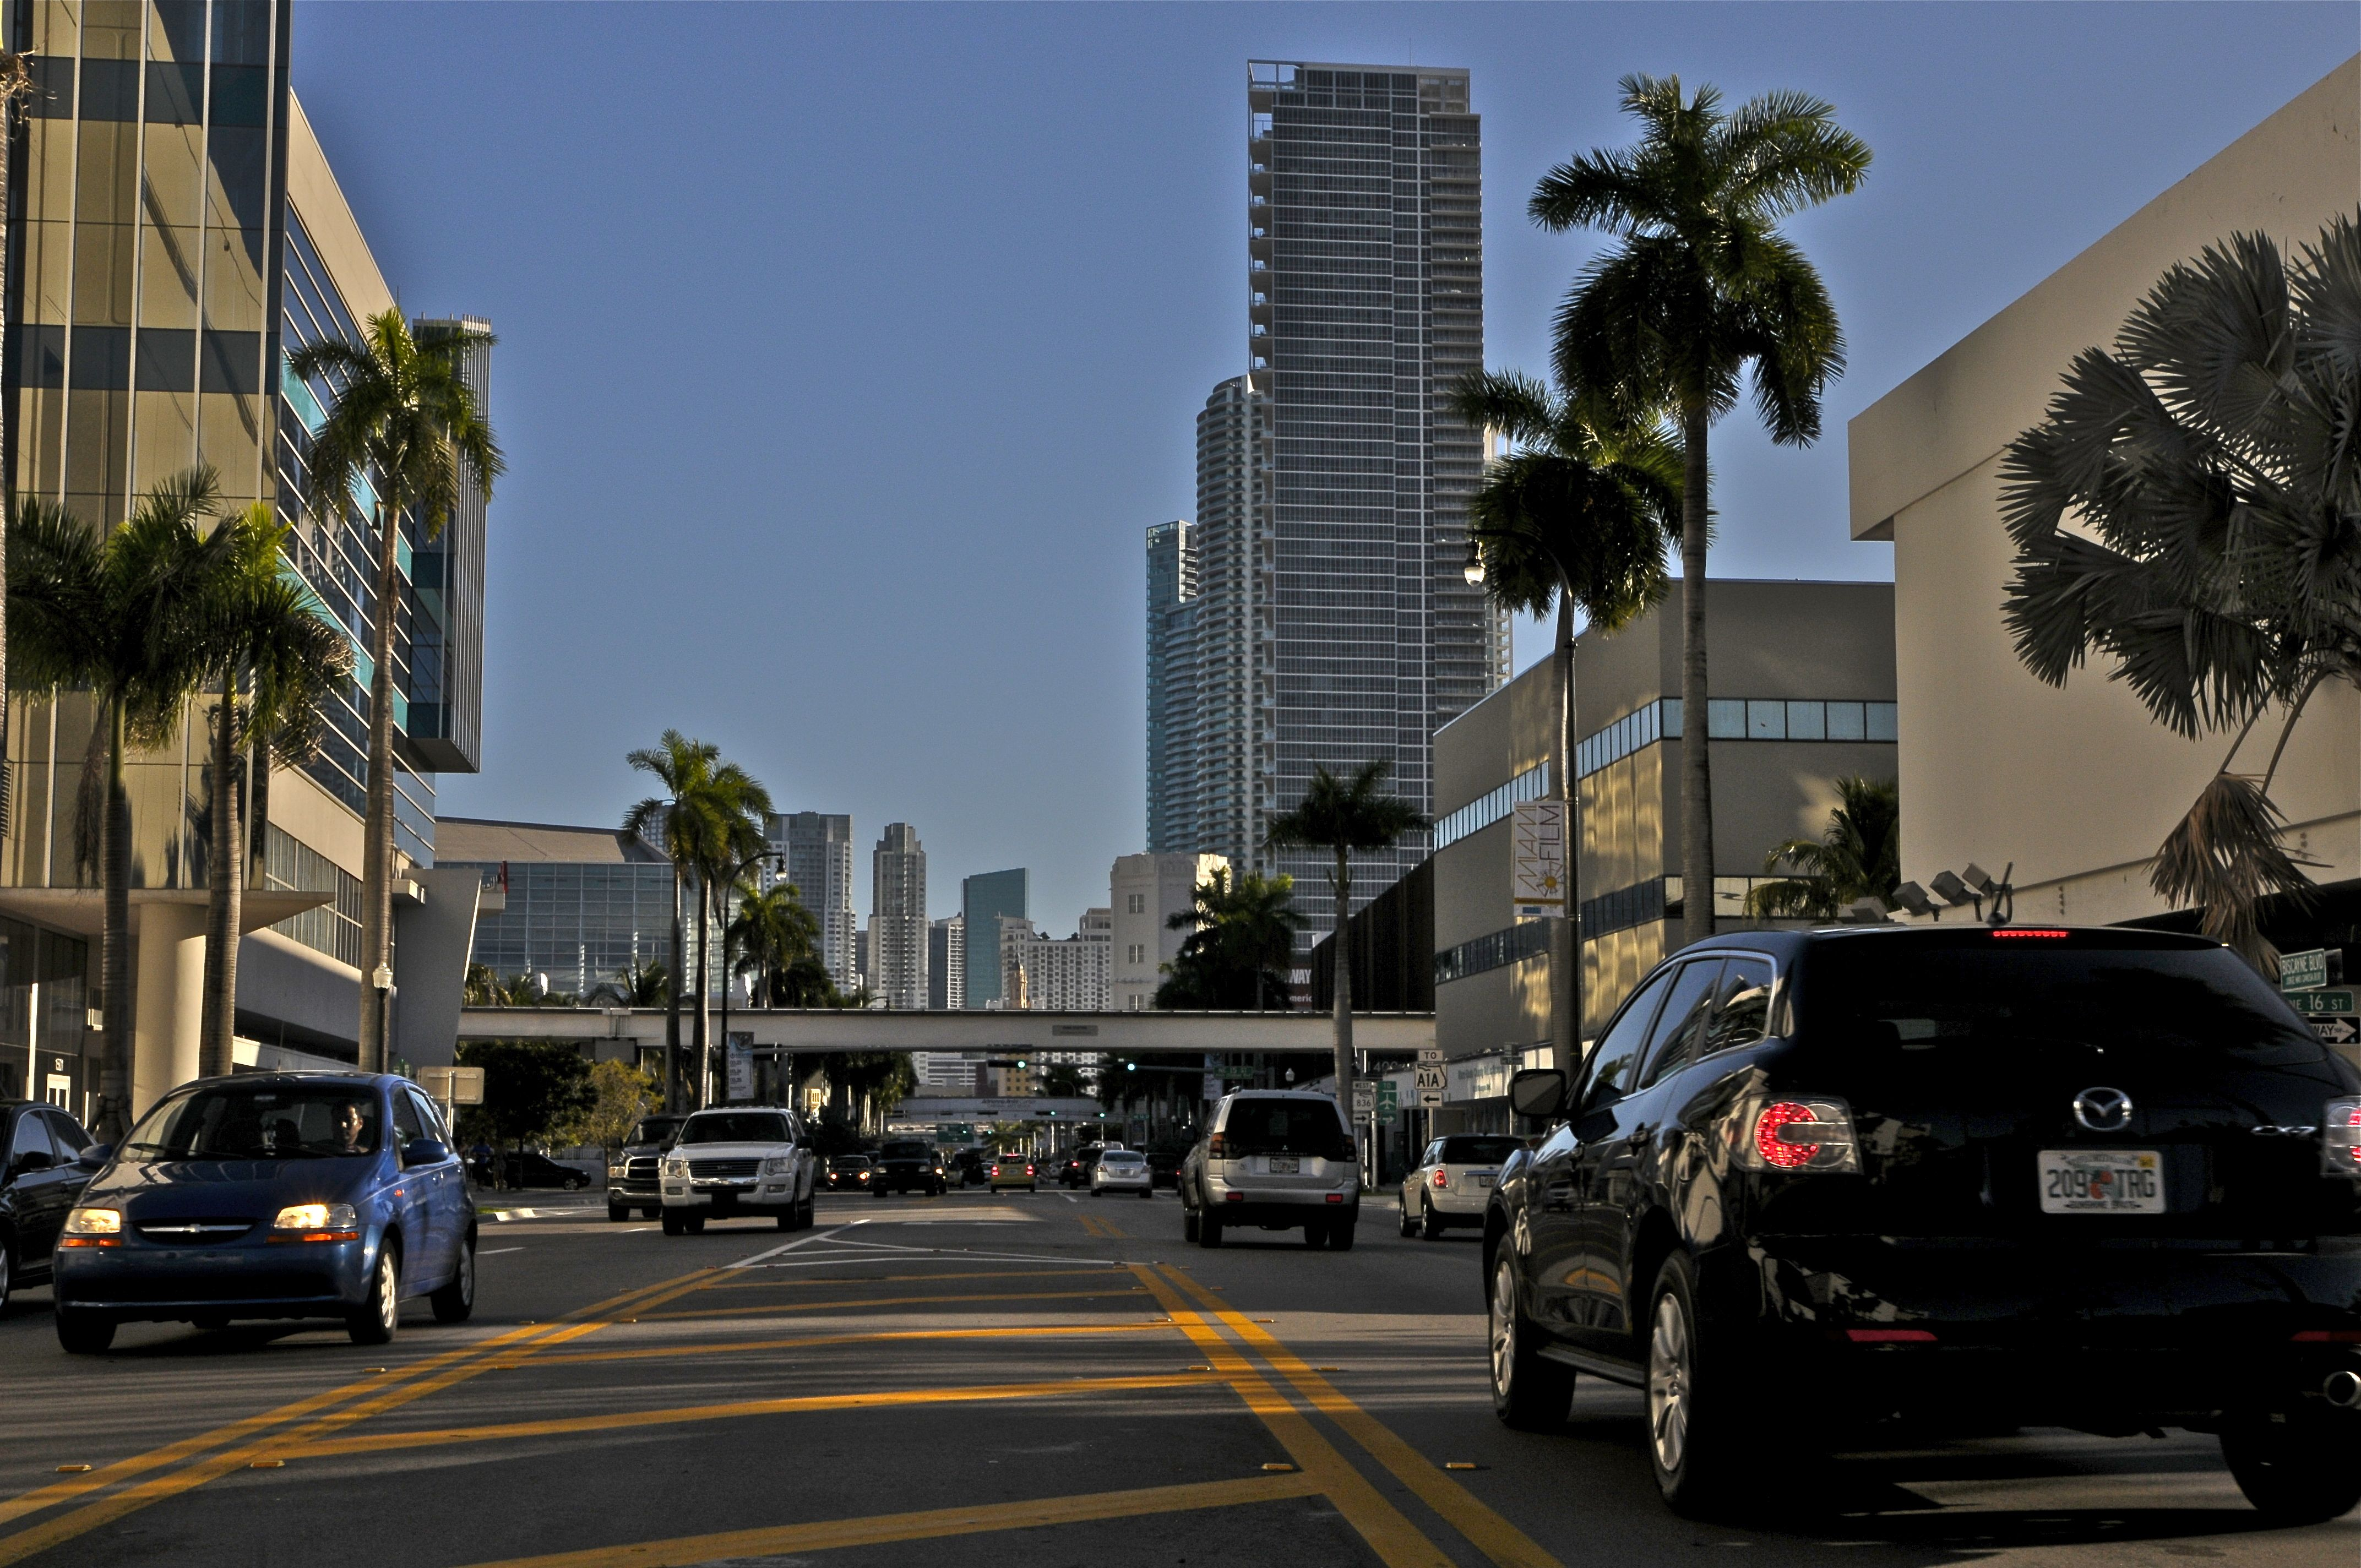 Miami Downtown Downtown Miami